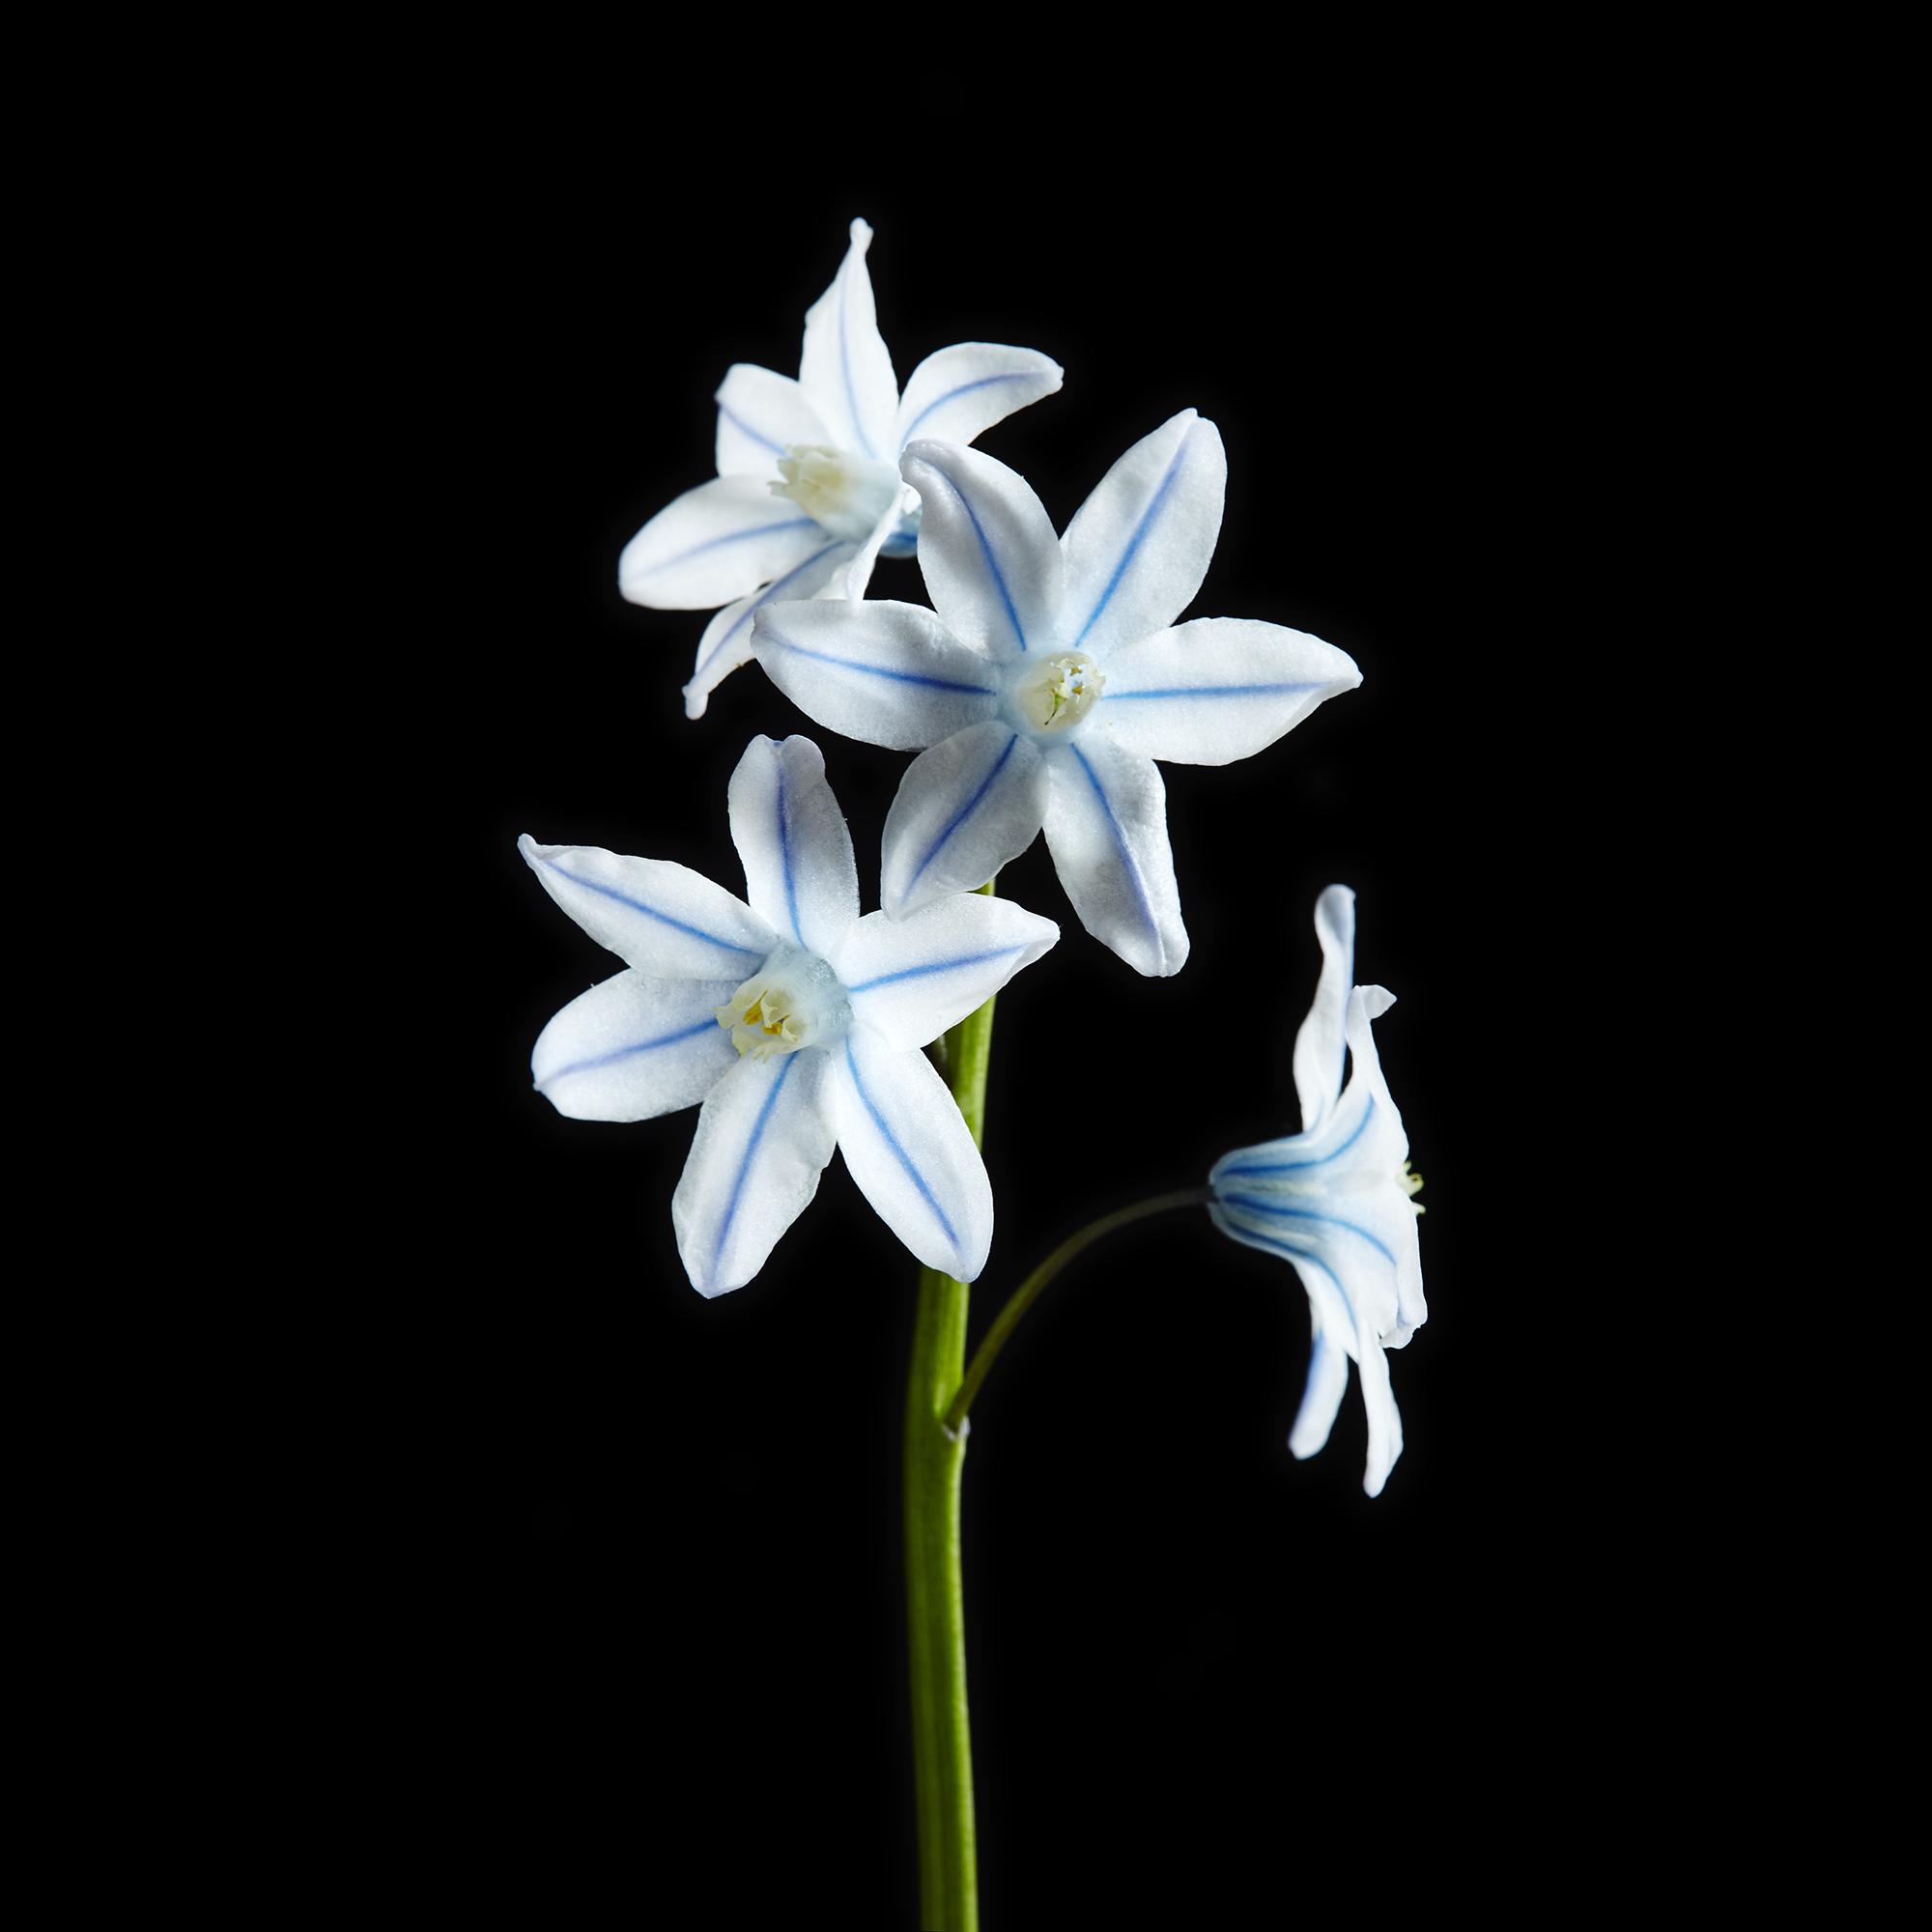 Flowers#063876.jpg